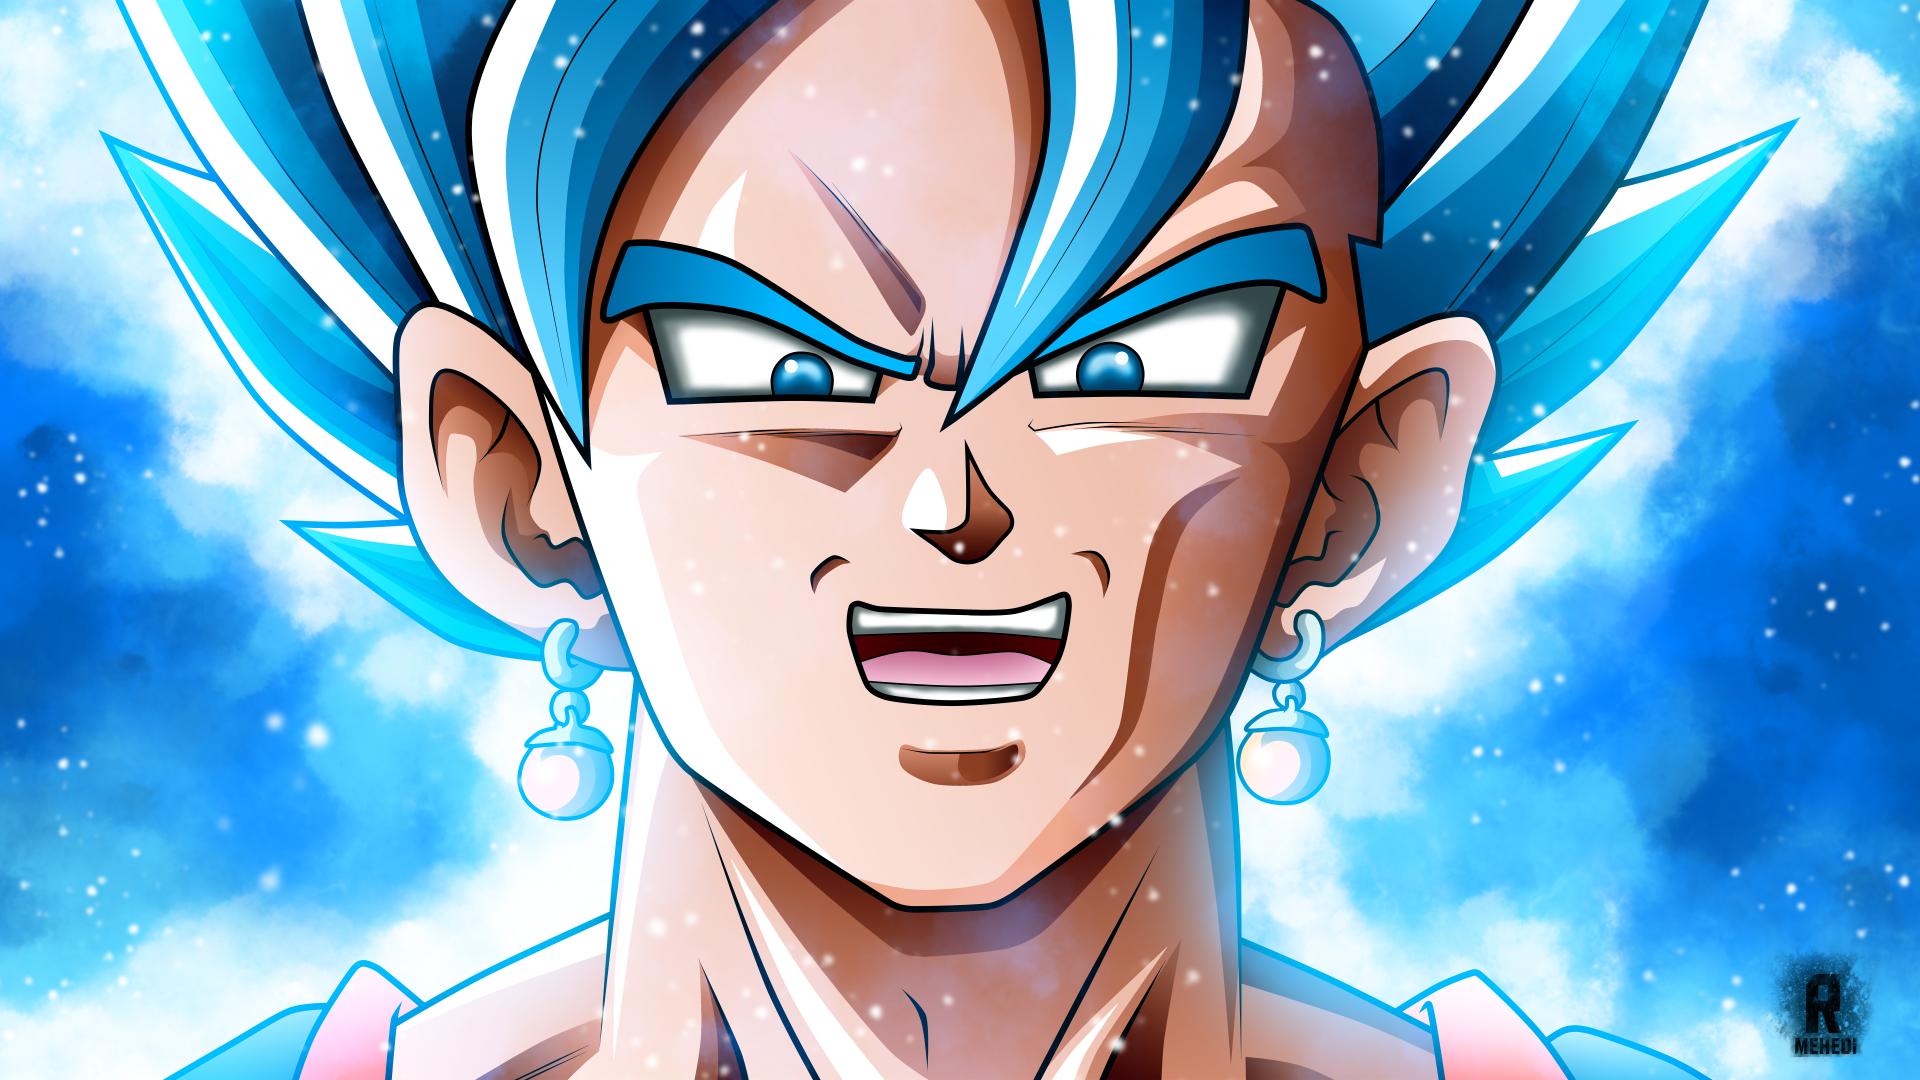 Anime - Dragon Ball Super  Vegito (Dragon Ball) SSGSS Vegito Bakgrund